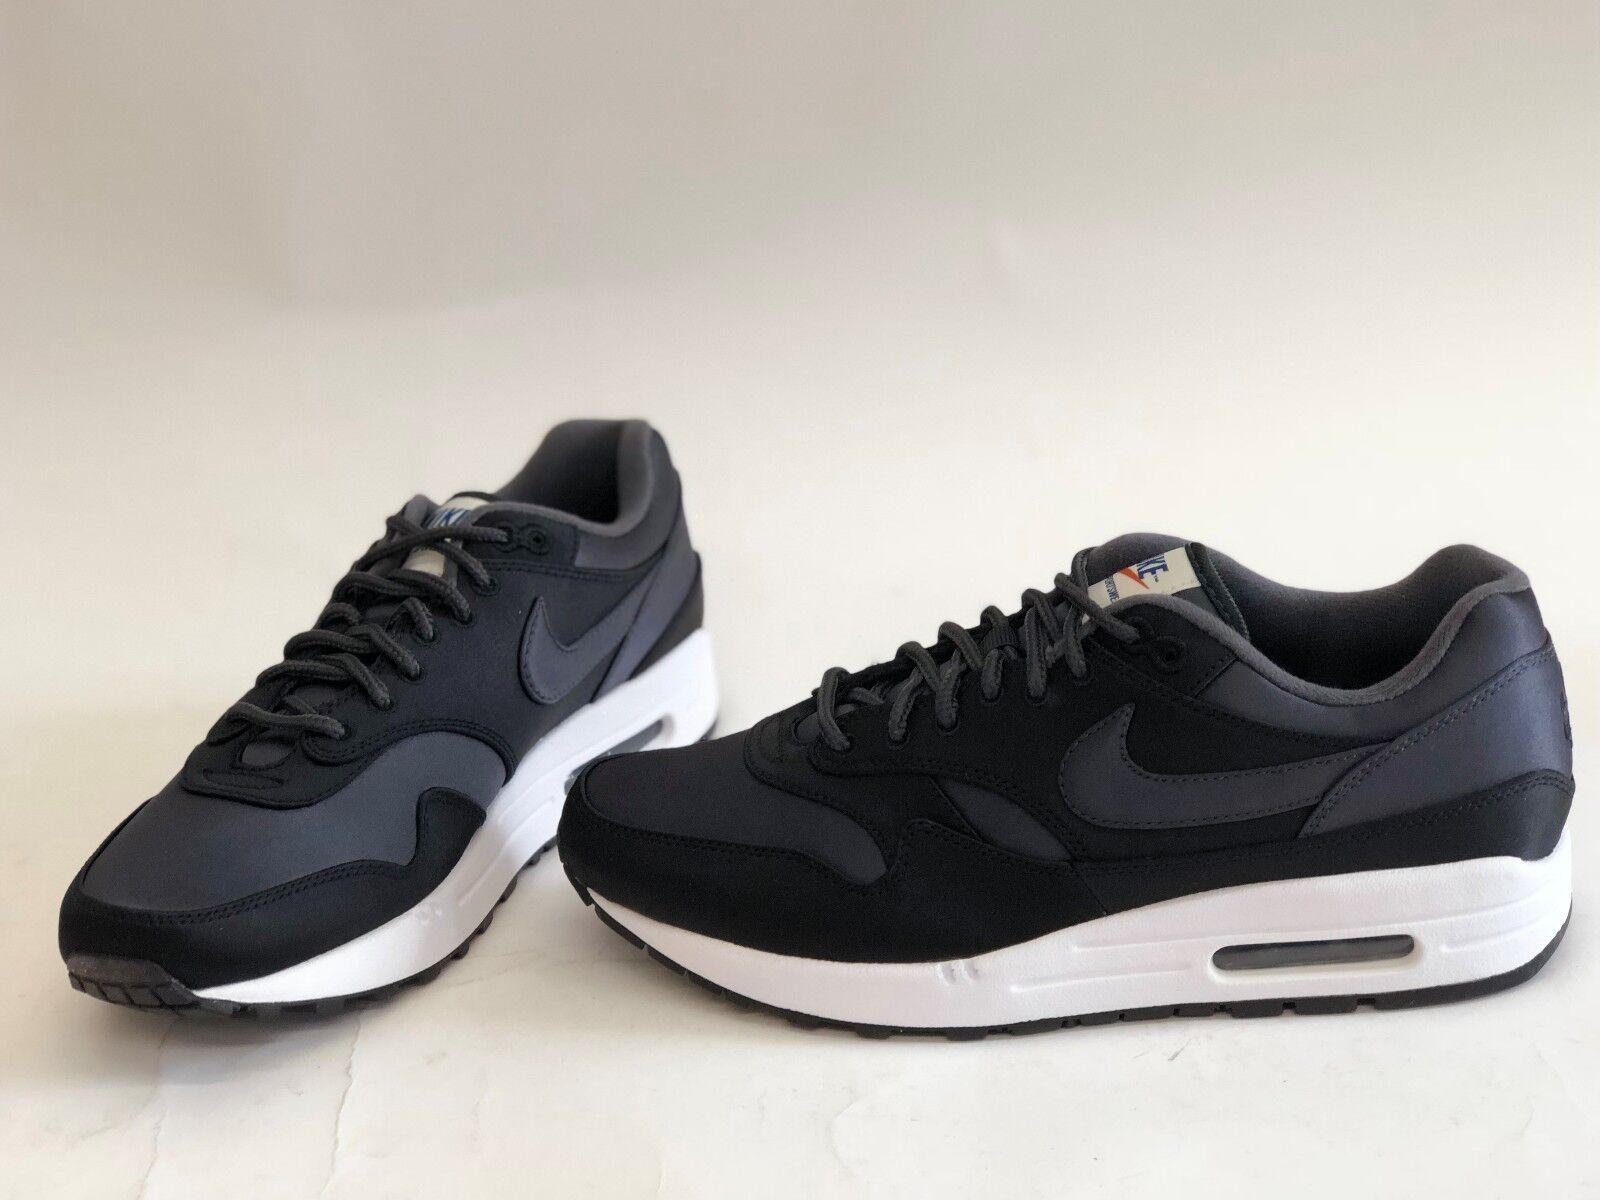 Nike air max nib Uomo 46 1 se le scarpe nere ao1021-001